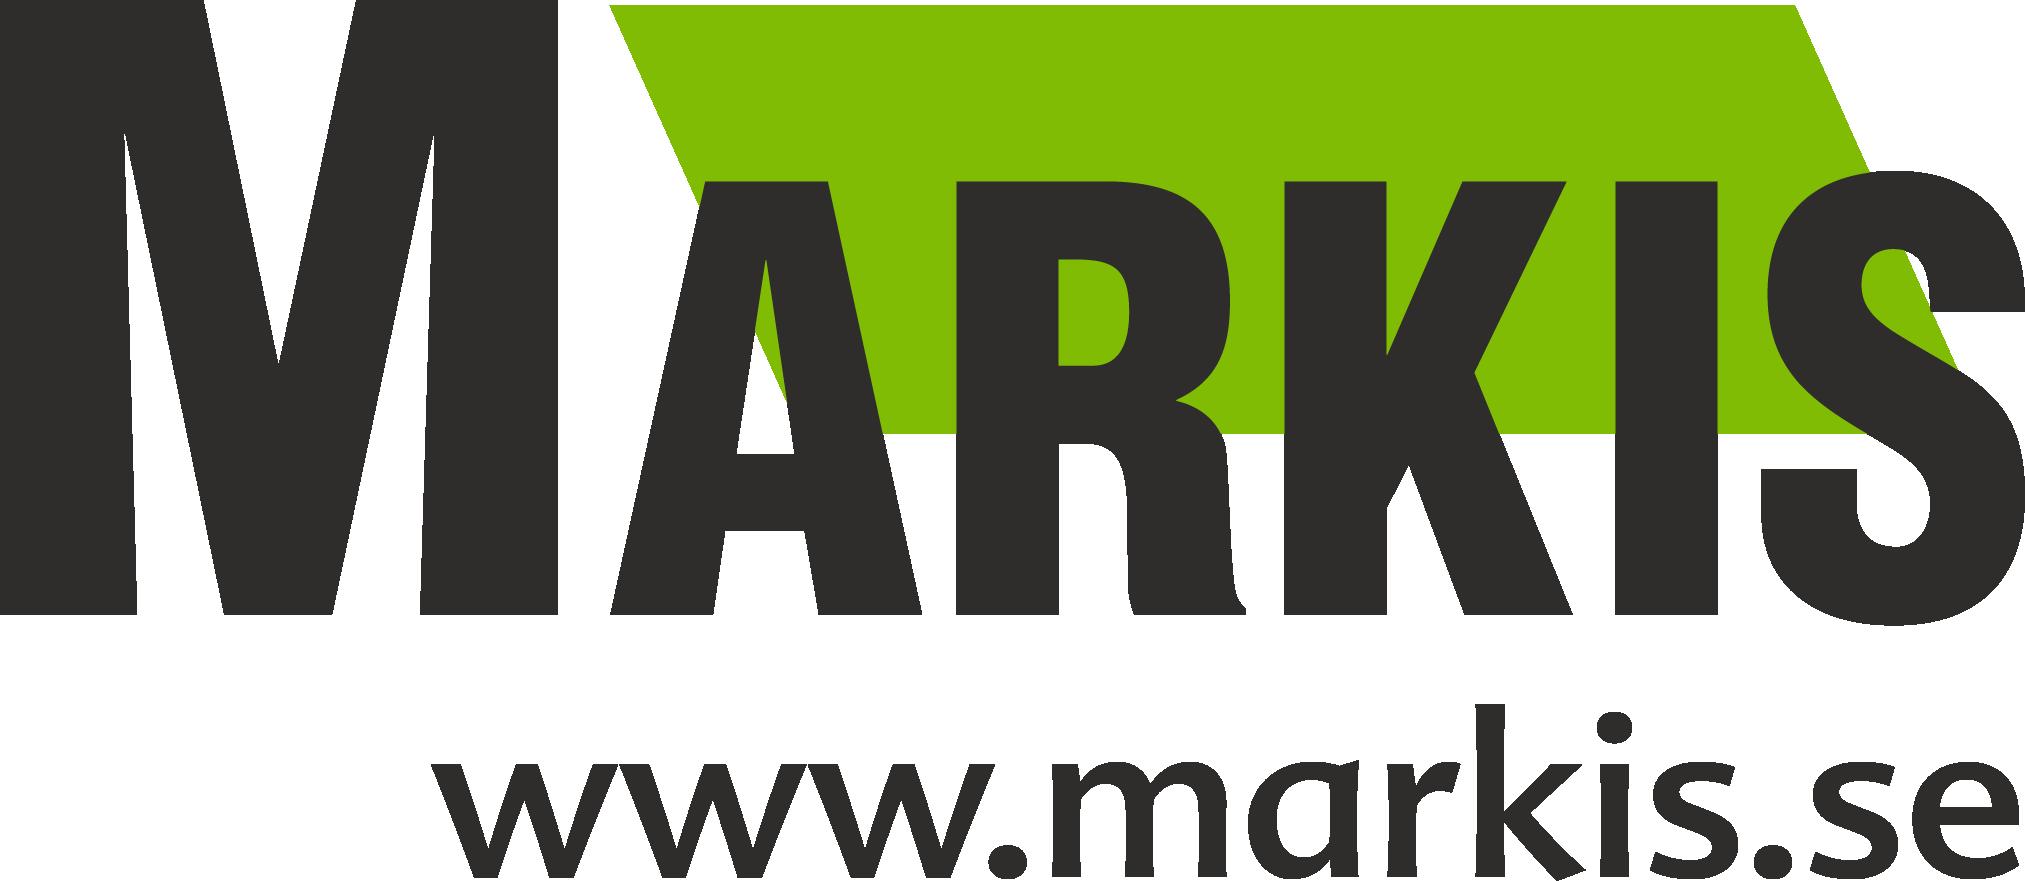 Markis.se